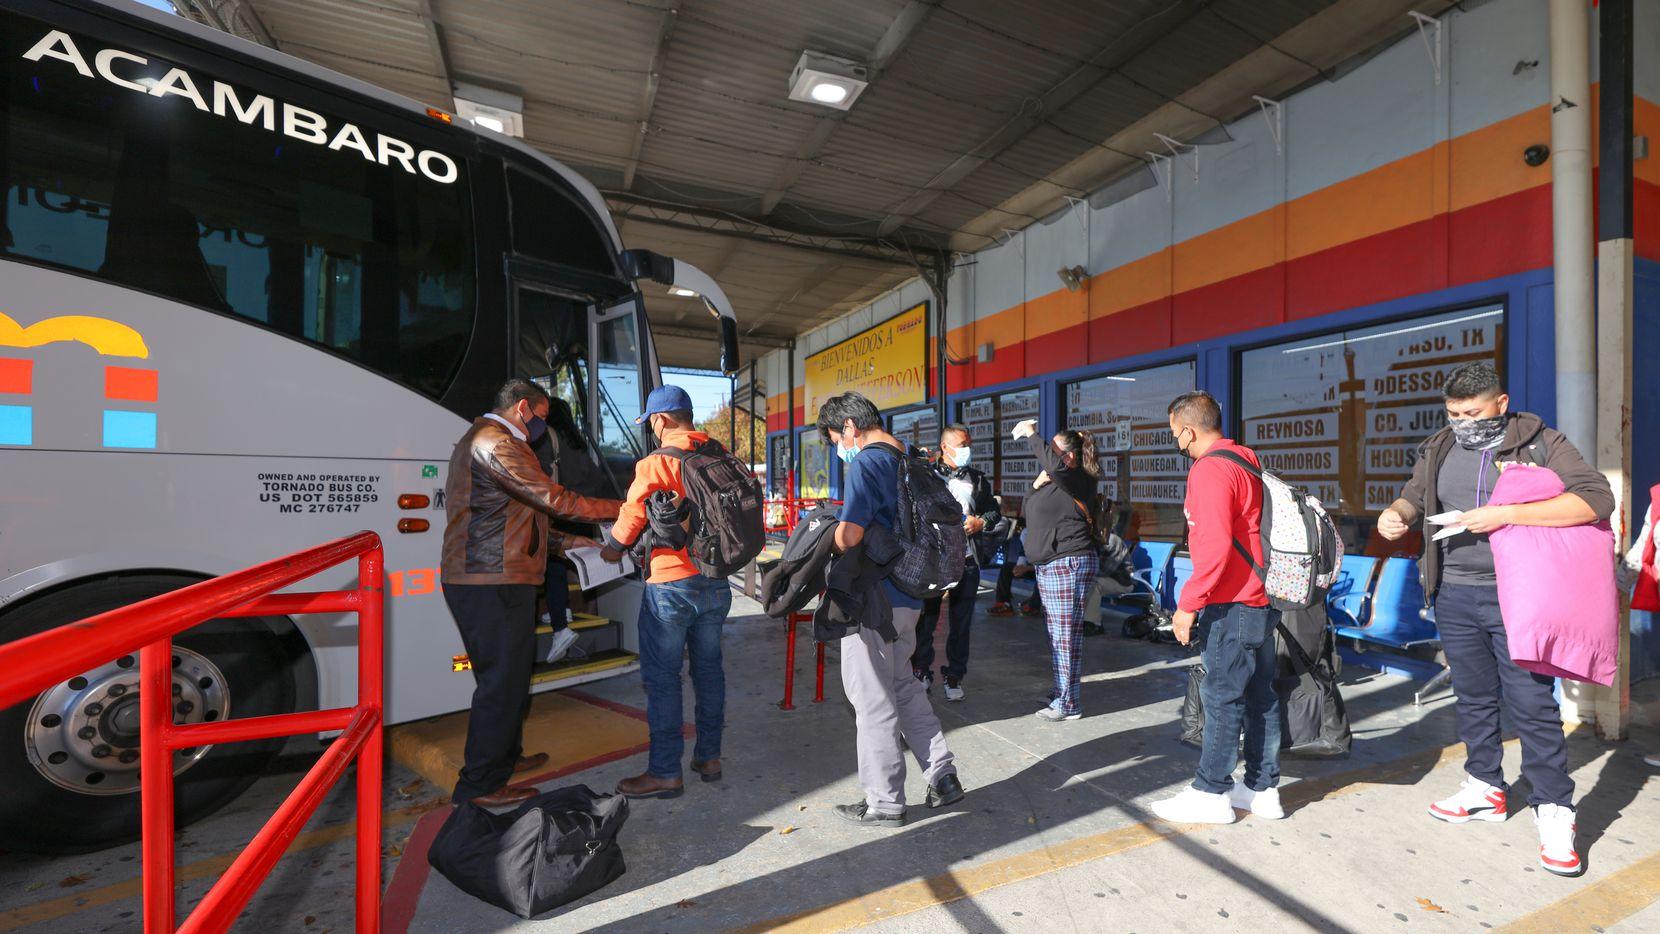 Por la temporada de fiestas de fin de año, las empresas de autobuses esperan más pasajeros saliendo de Dallas a diferentes destinos, por lo que han reforzado sus medidas de seguridad contra el coronavirus.